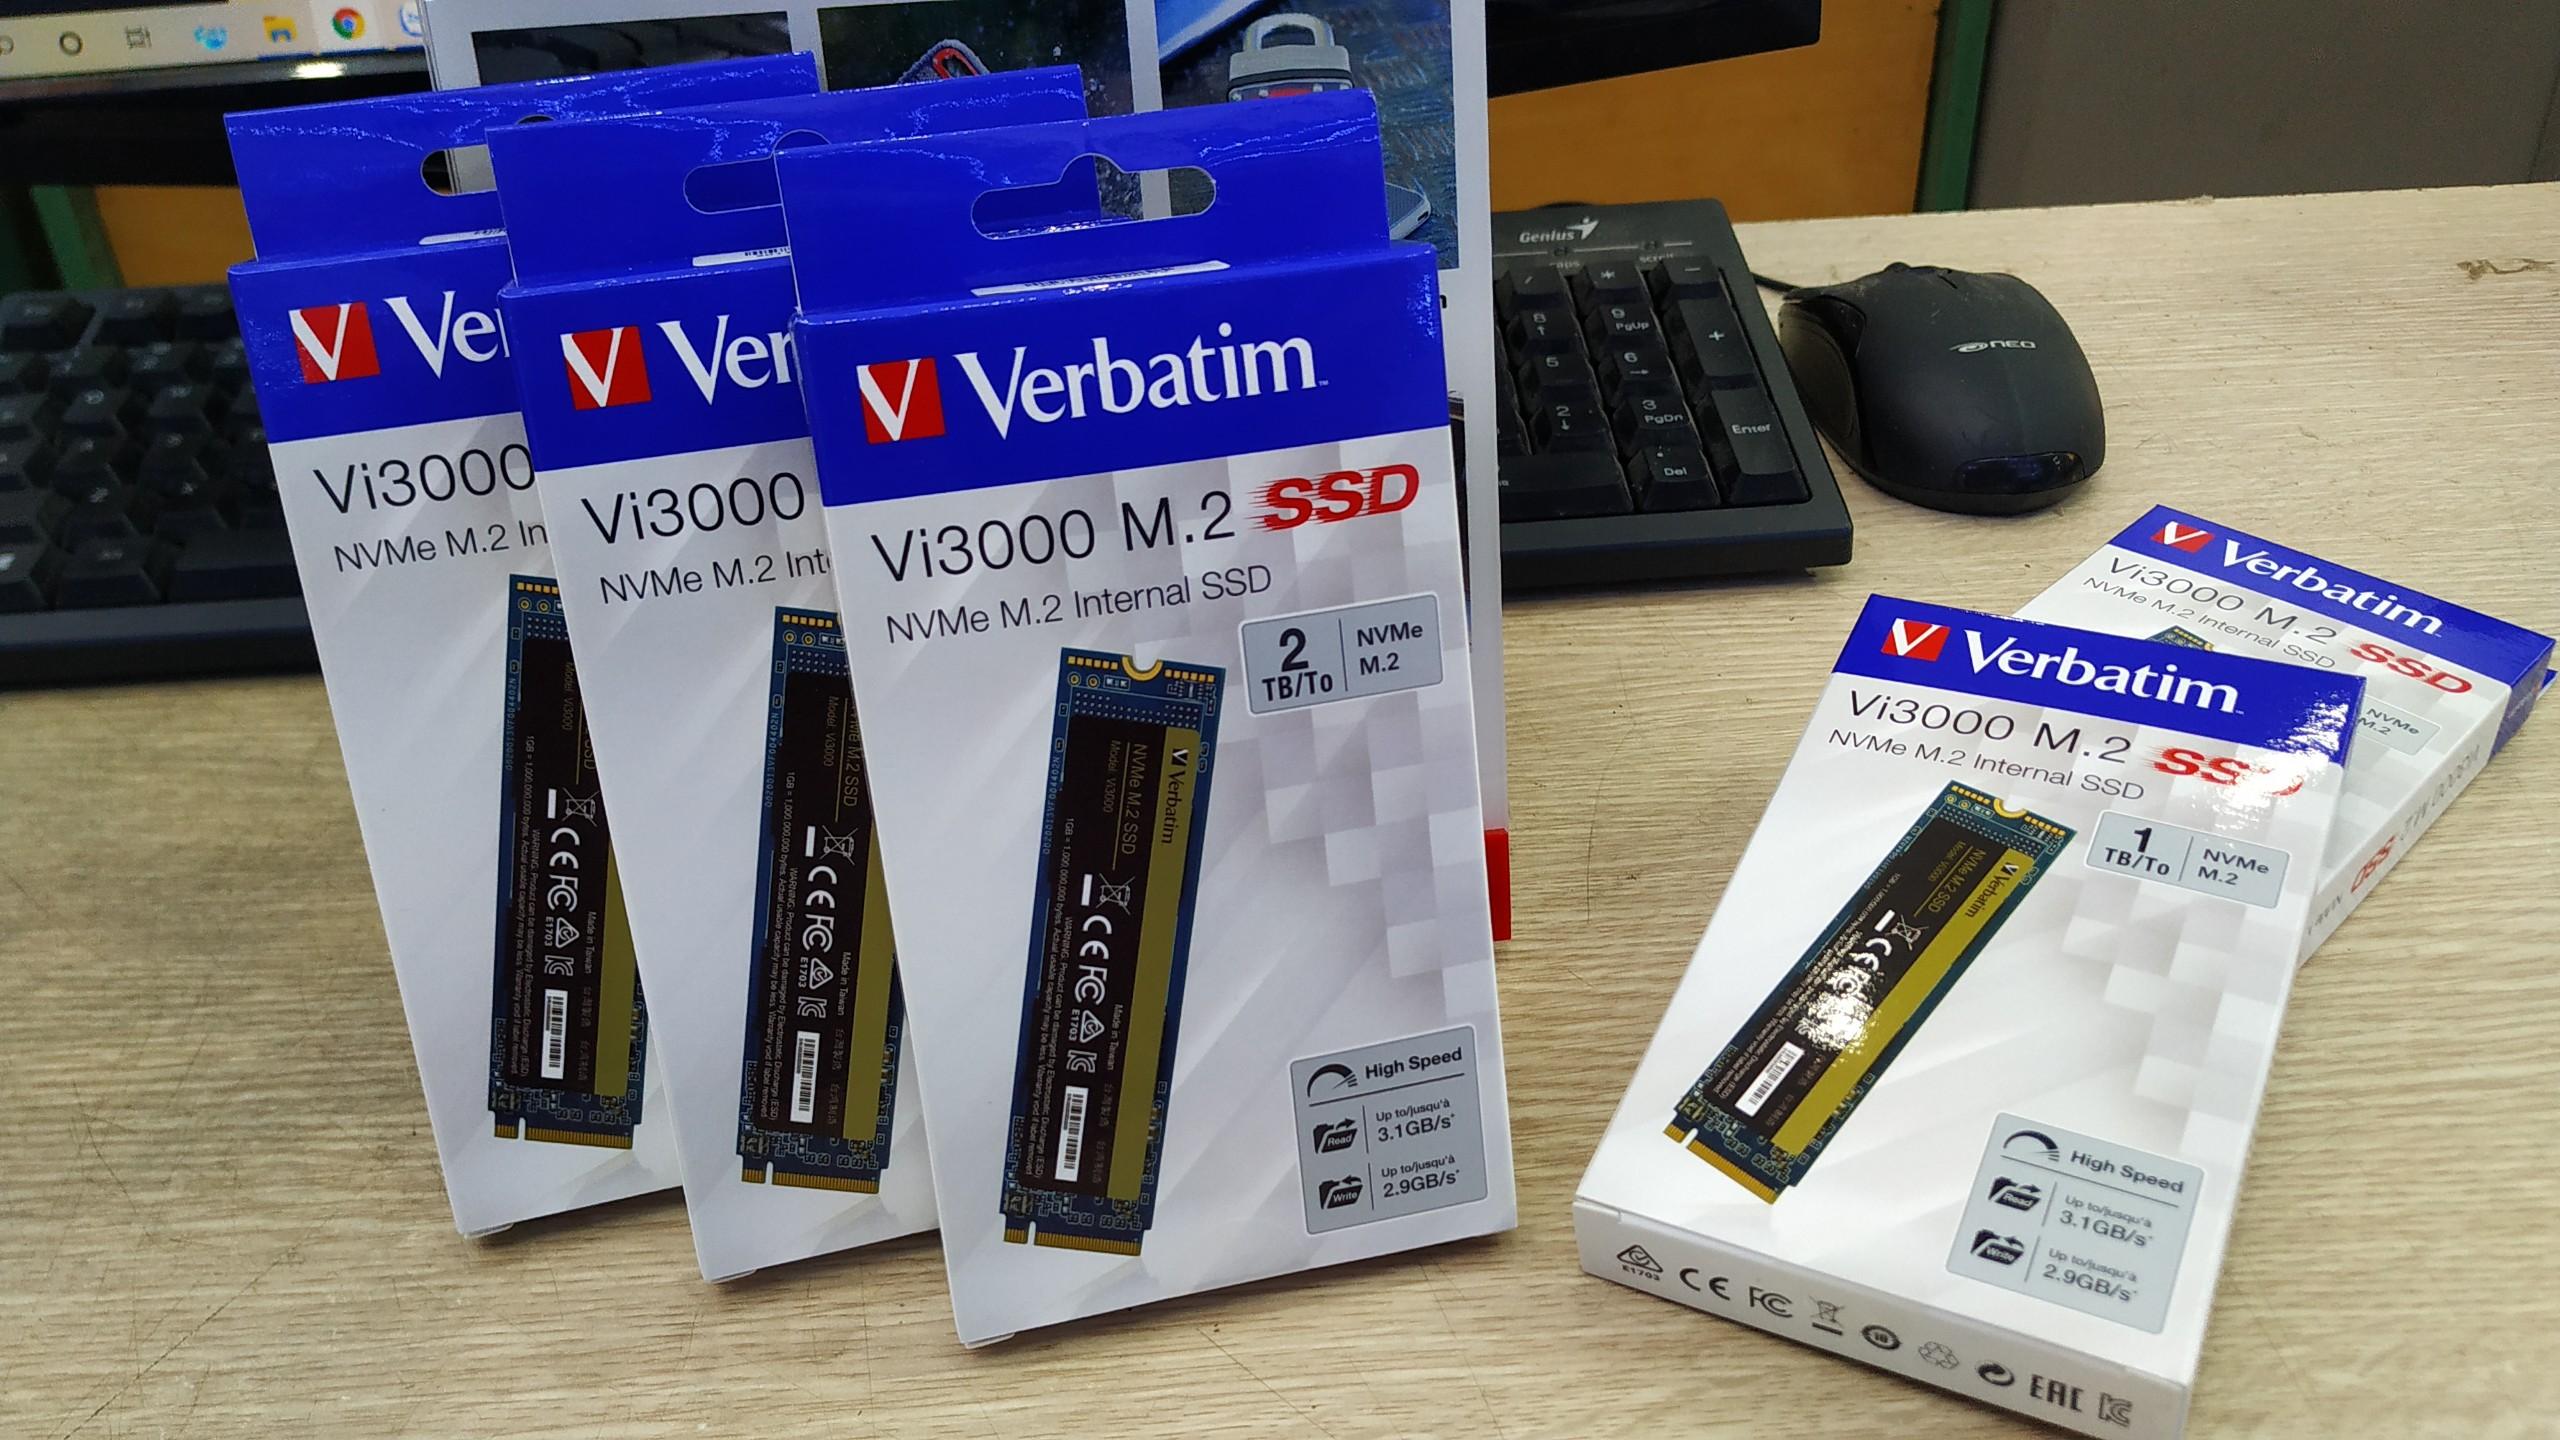 Ổ cứng Verbatim SSD NVMe M.2 2TB (Vi3000)- Hàng chính hãng